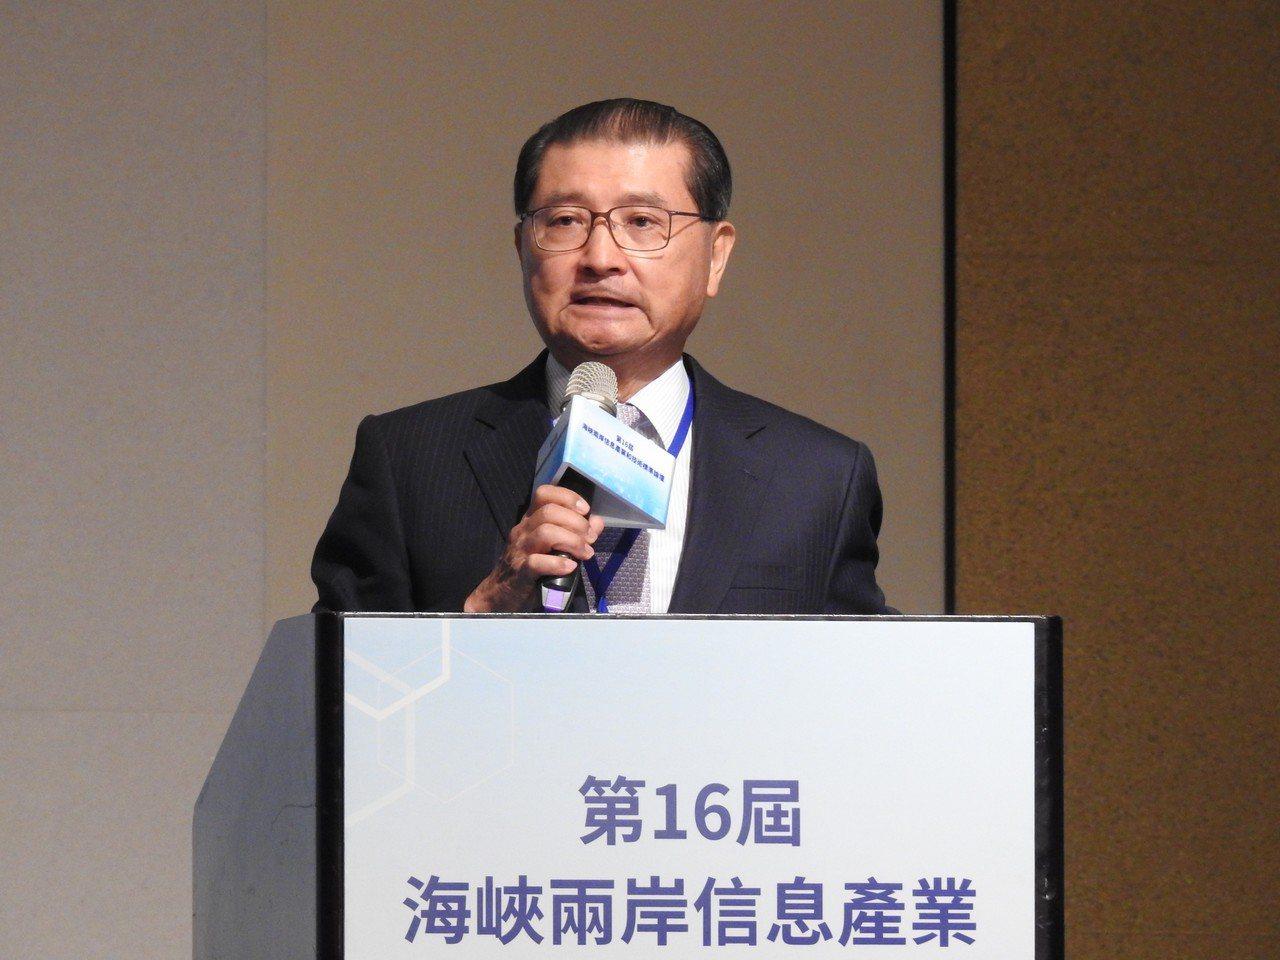 電電公會理事長李詩欽。圖/聯合報系資料照片